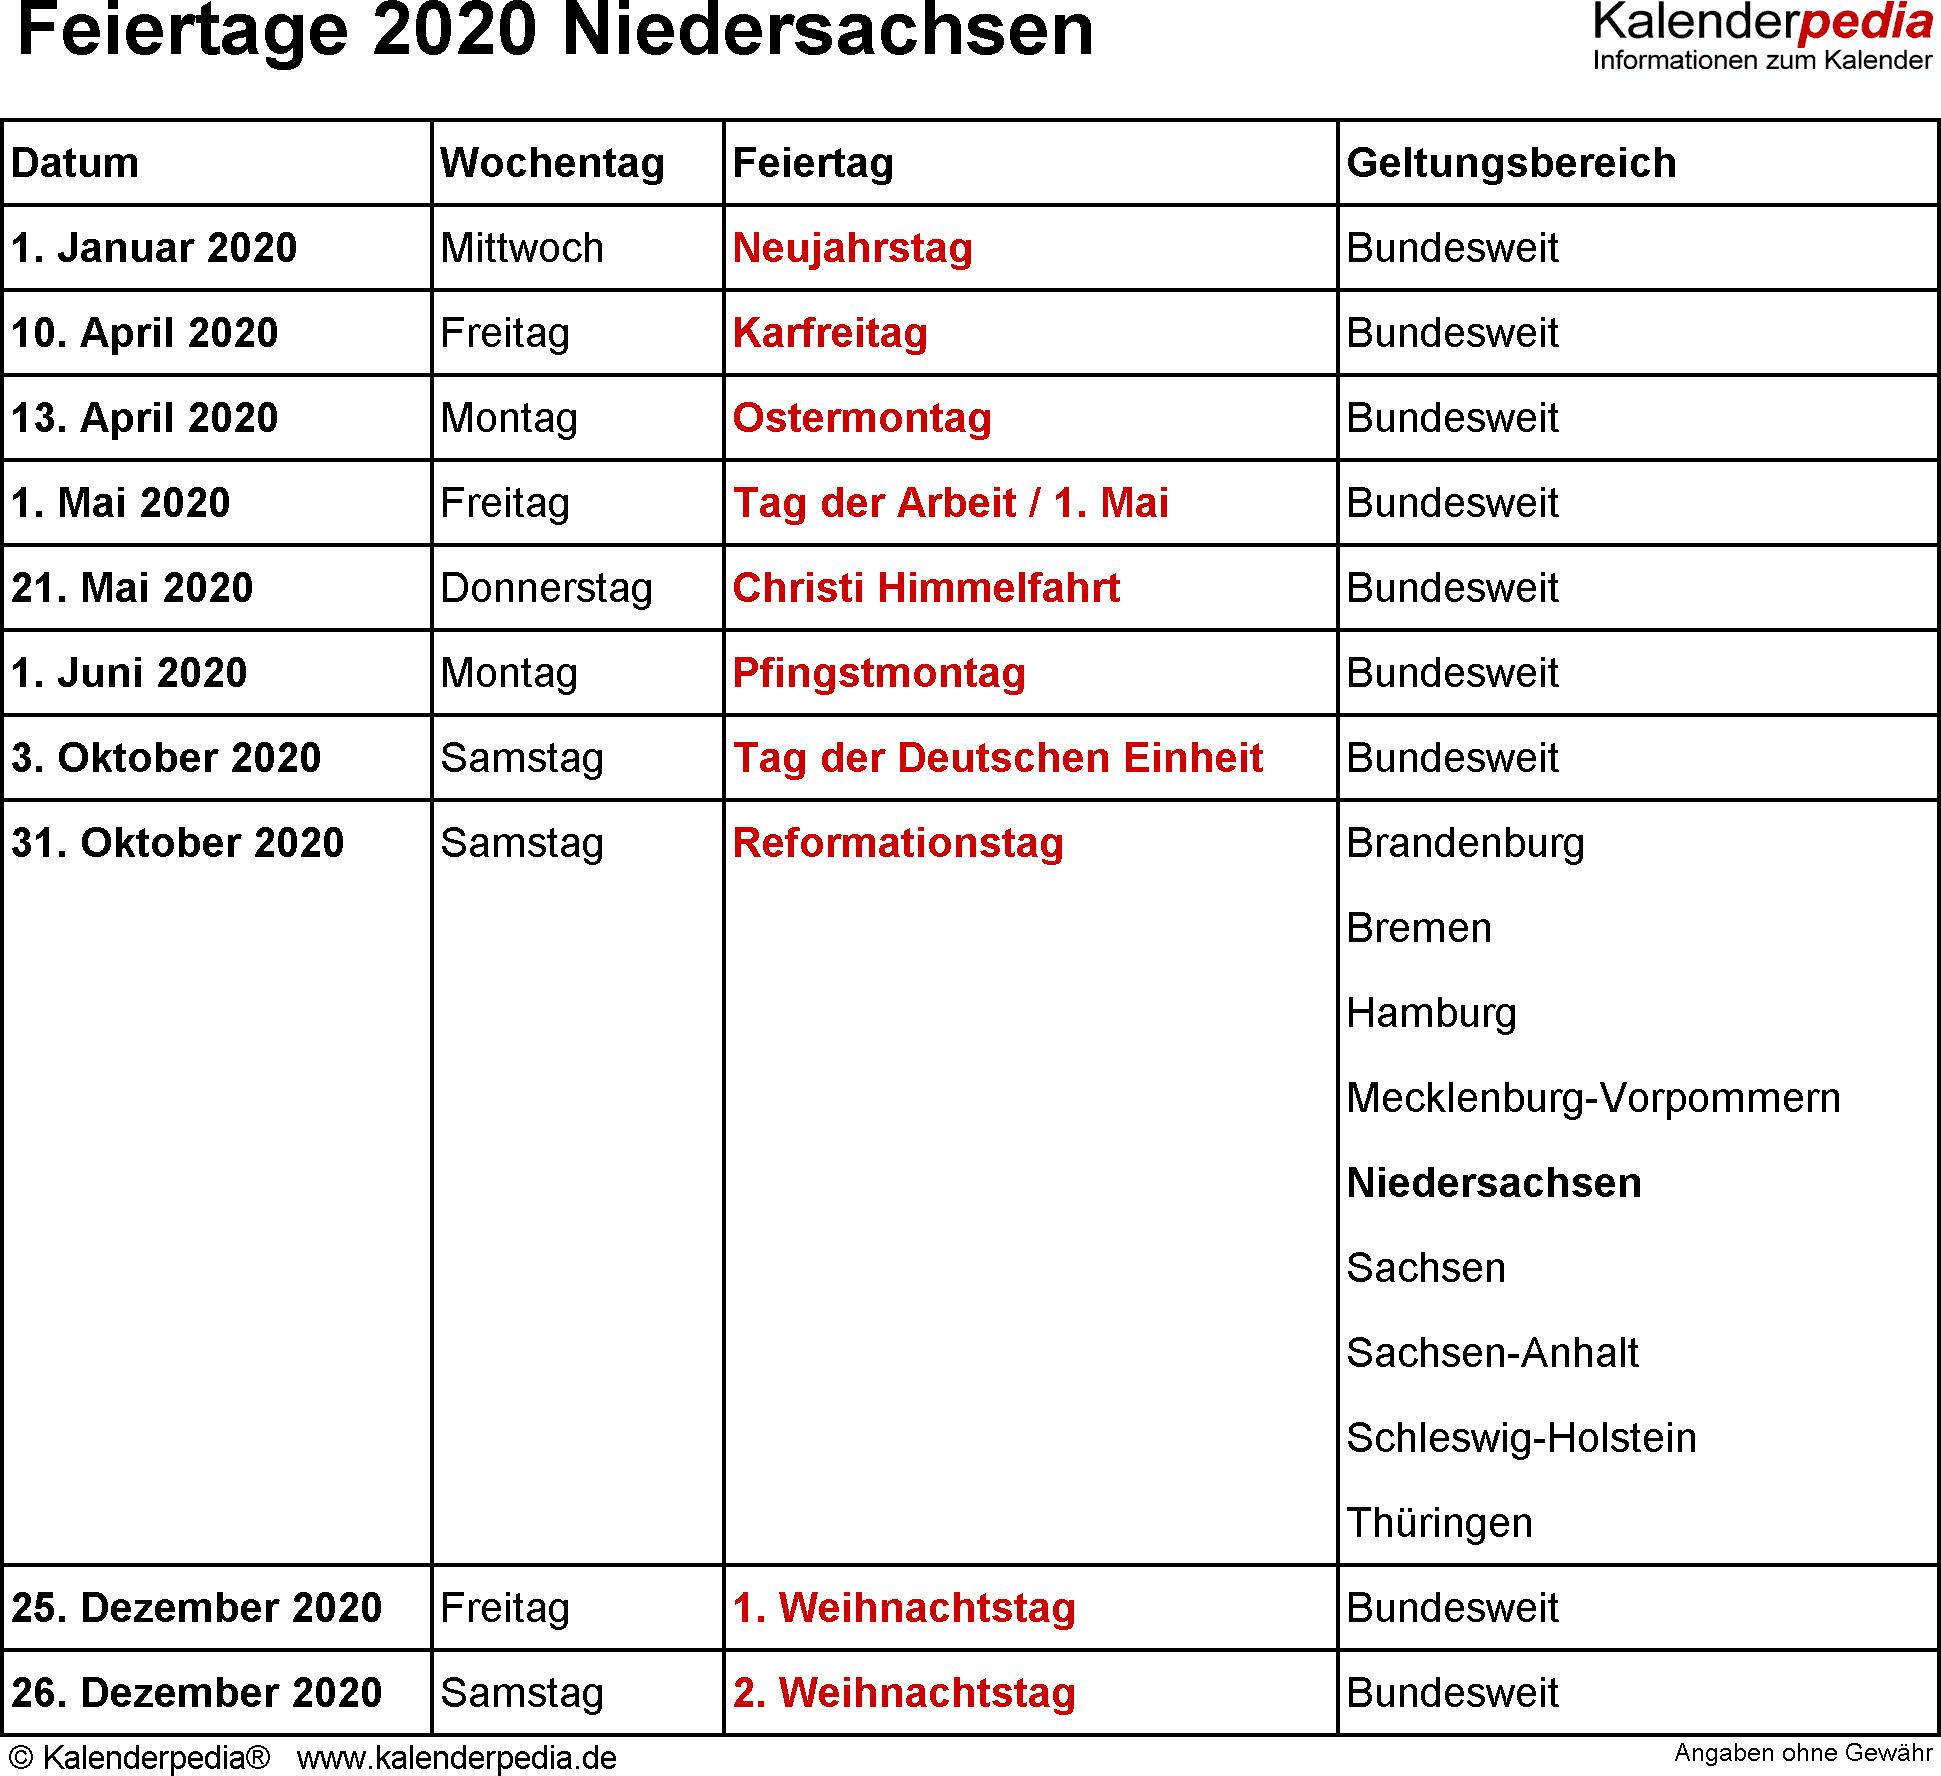 feiertage in niedersachsen 2020